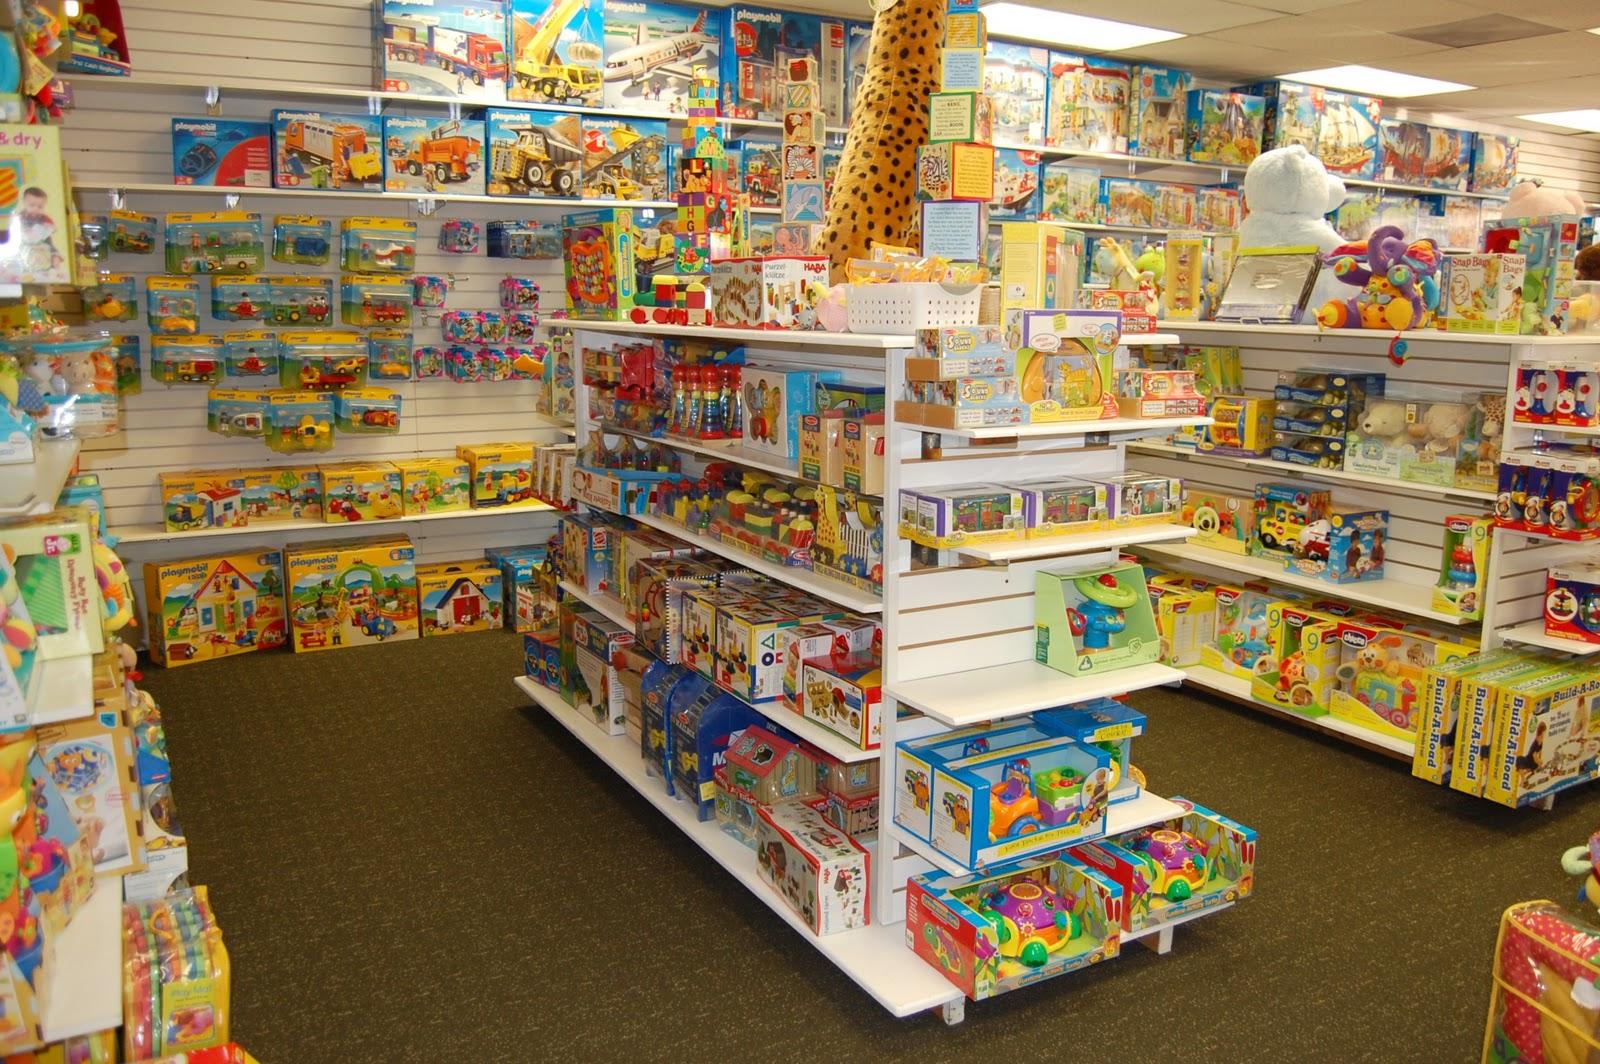 Simak Cara Mudah Memulai Bisnis Toko Mainan Online